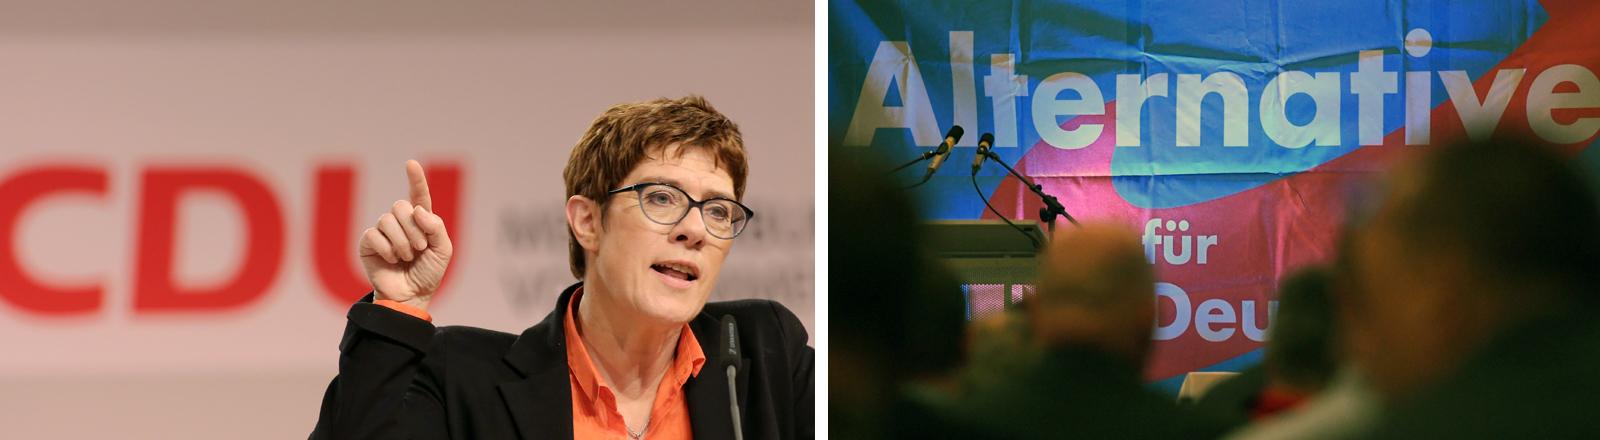 Die Logos von CDU und AfD